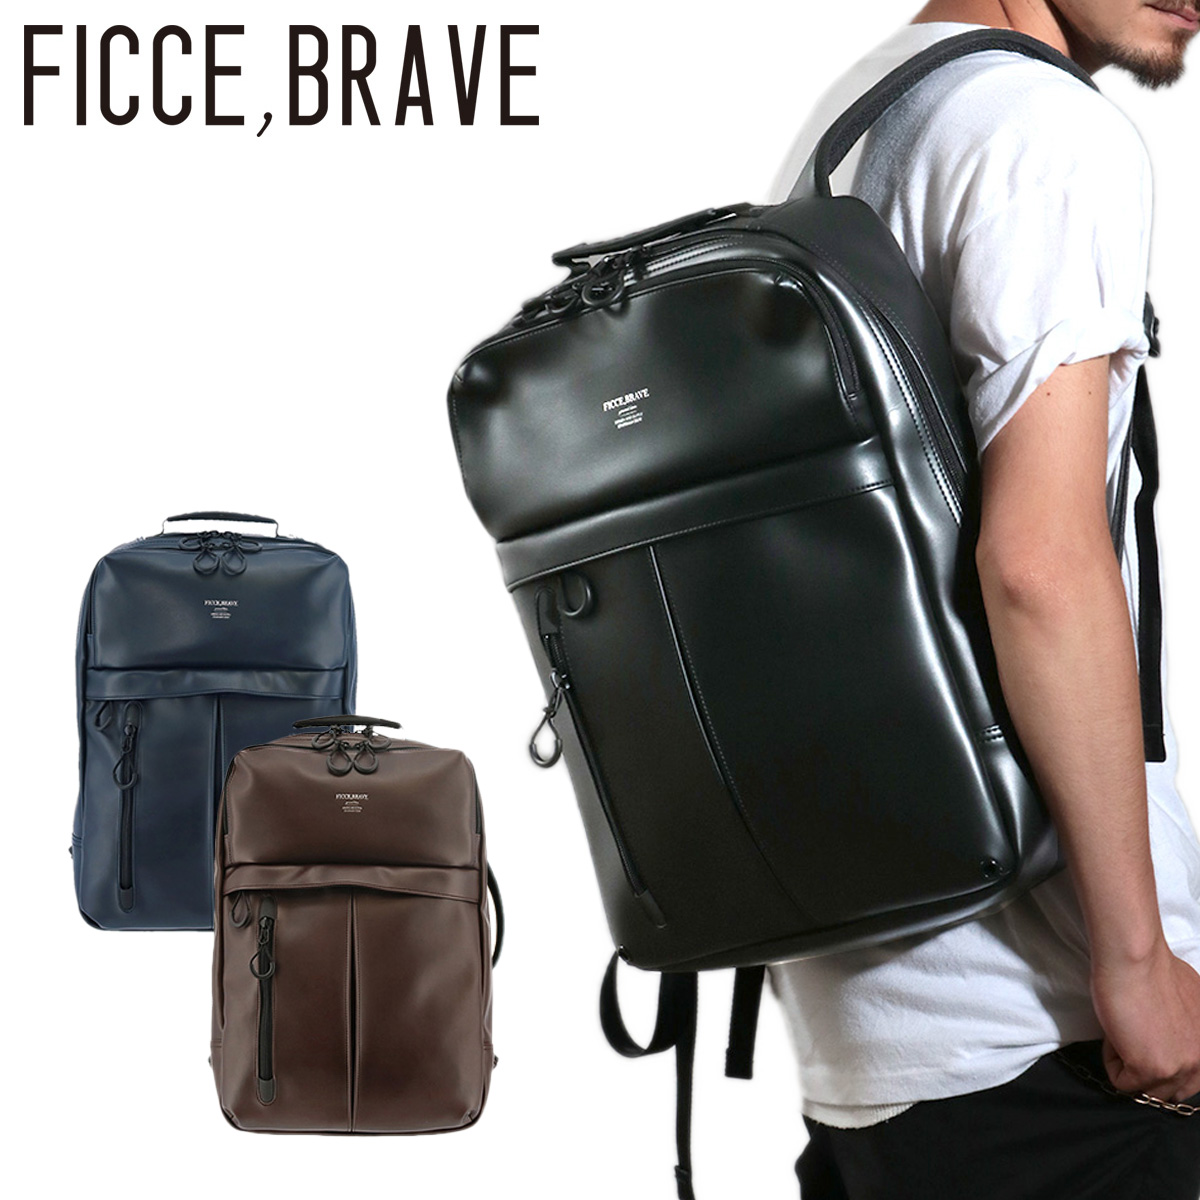 フィセブレイブ Ficce Brave リュック F-184 【 ビジネスバッグ バックパック デイパック メンズ 】[bef][PO5][母の日][即日発送]